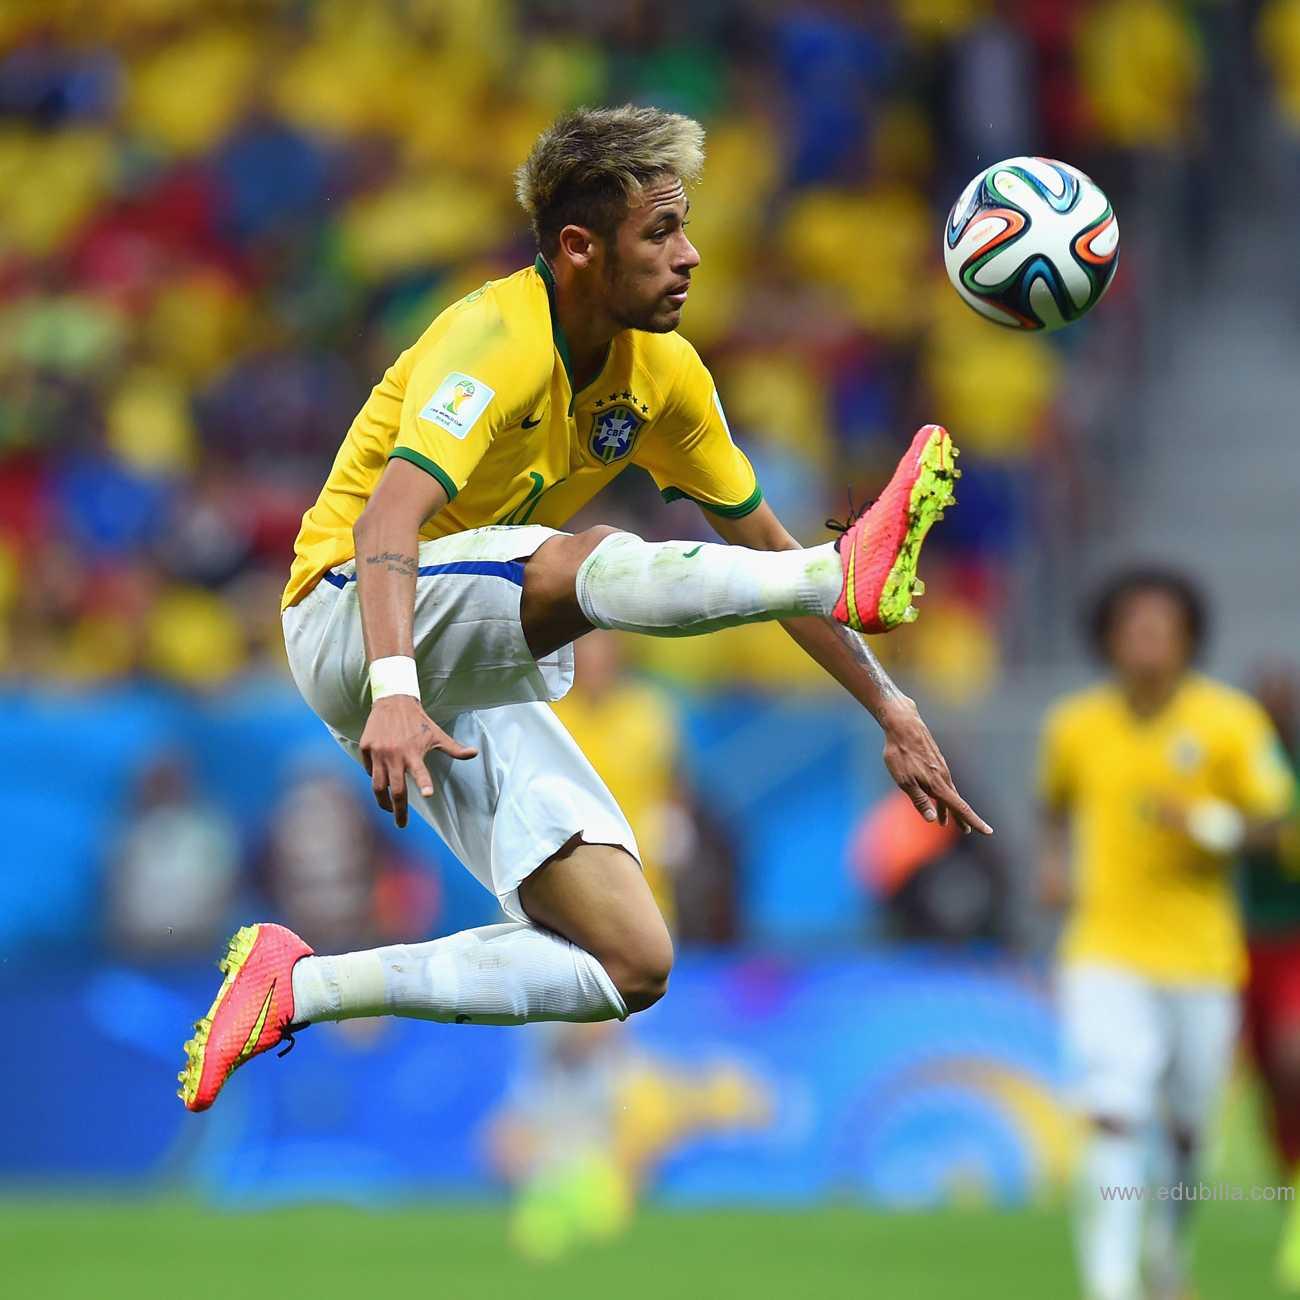 neymar biography neymar achievements neymar career stats neymar